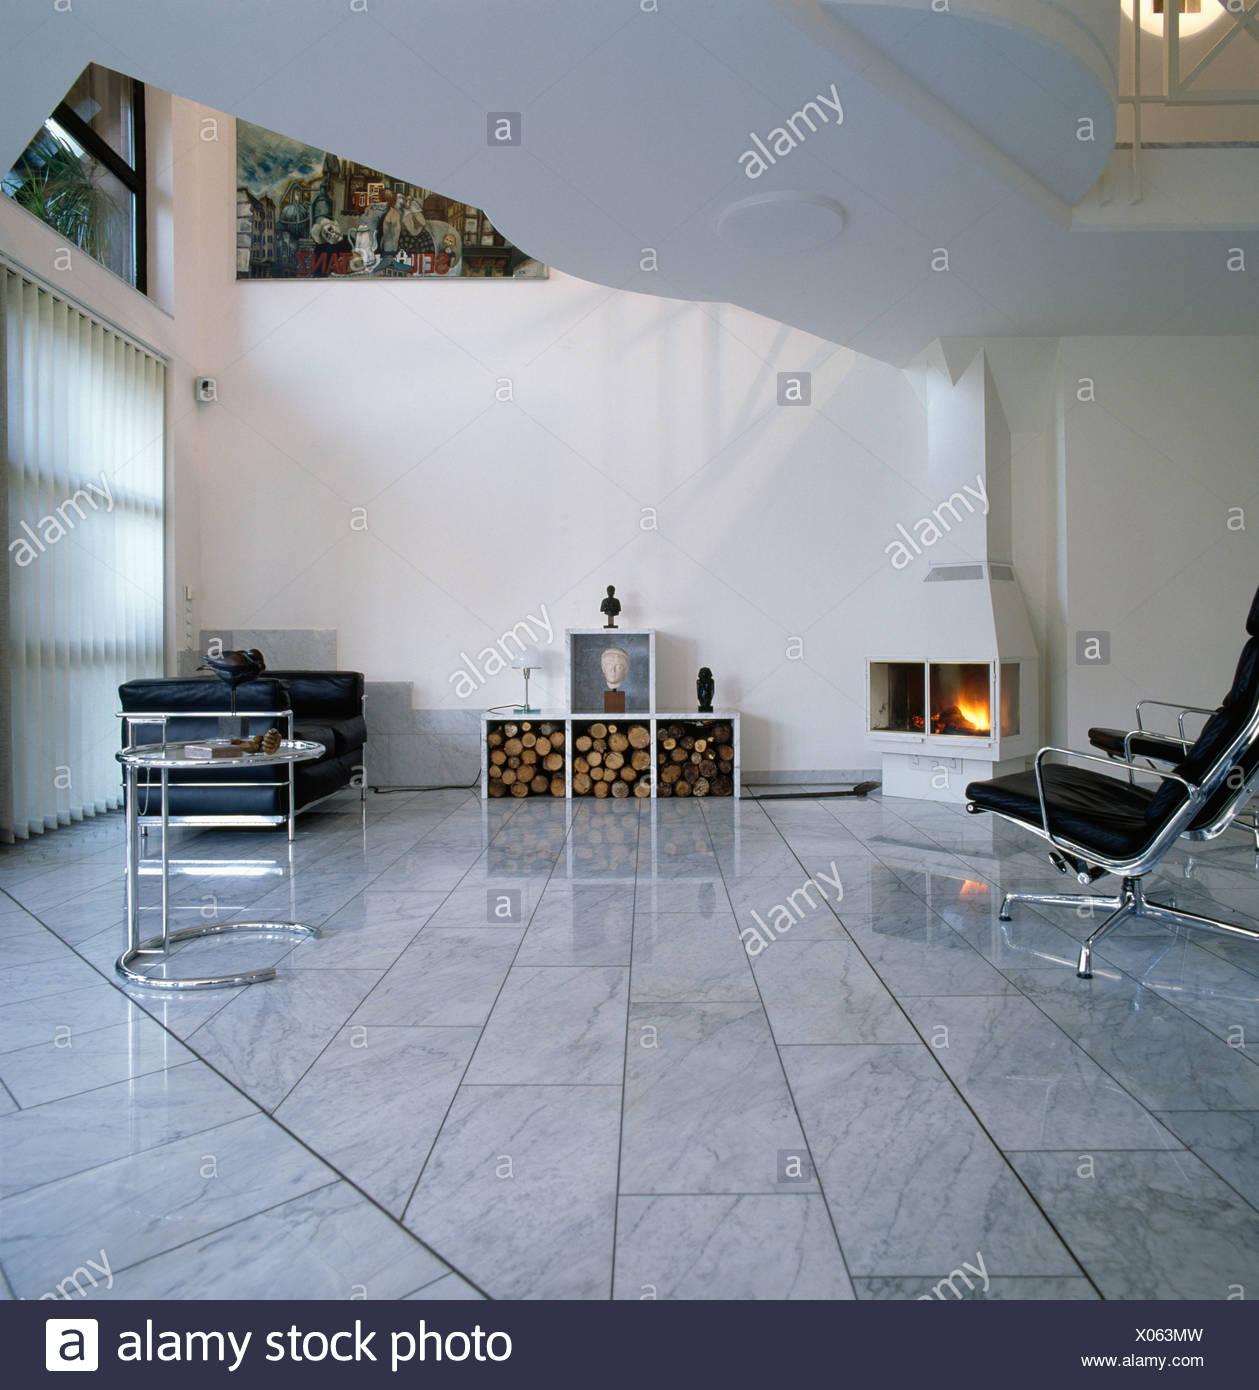 Marmor Fliesen Bodenbelag In Den Achtziger Jahren Wohnzimmer Mit Eck